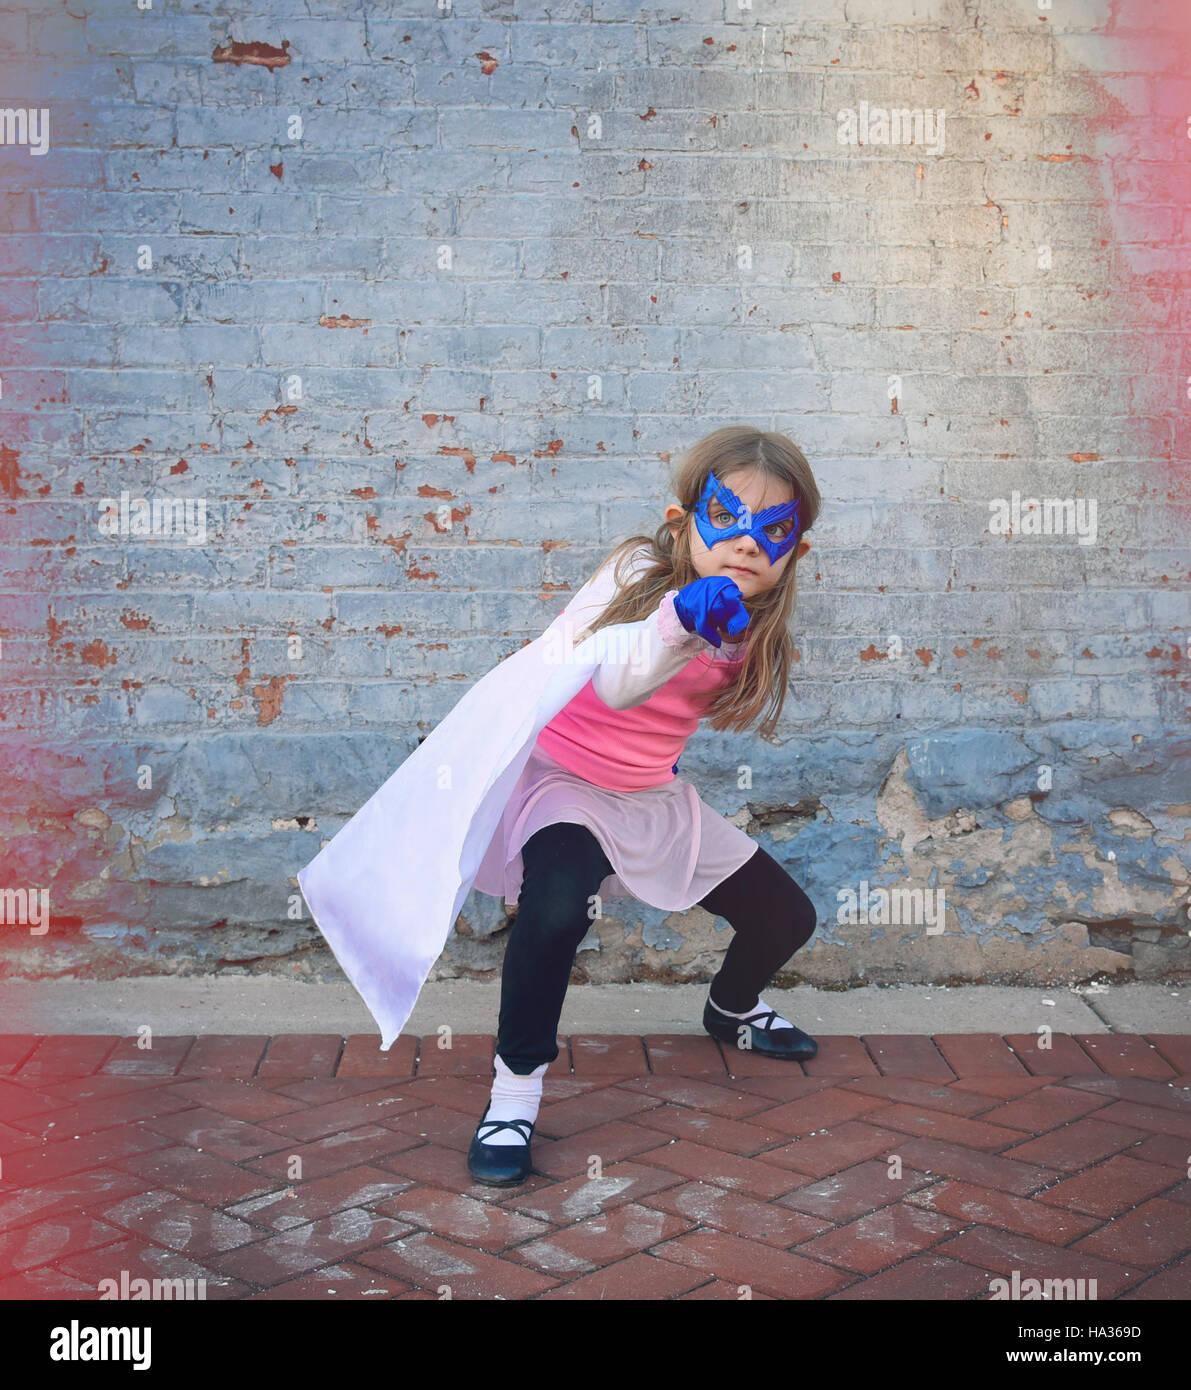 Un peu de super héros enfant est debout à l'extérieur contre un vieux millésime mur de brique Photo Stock